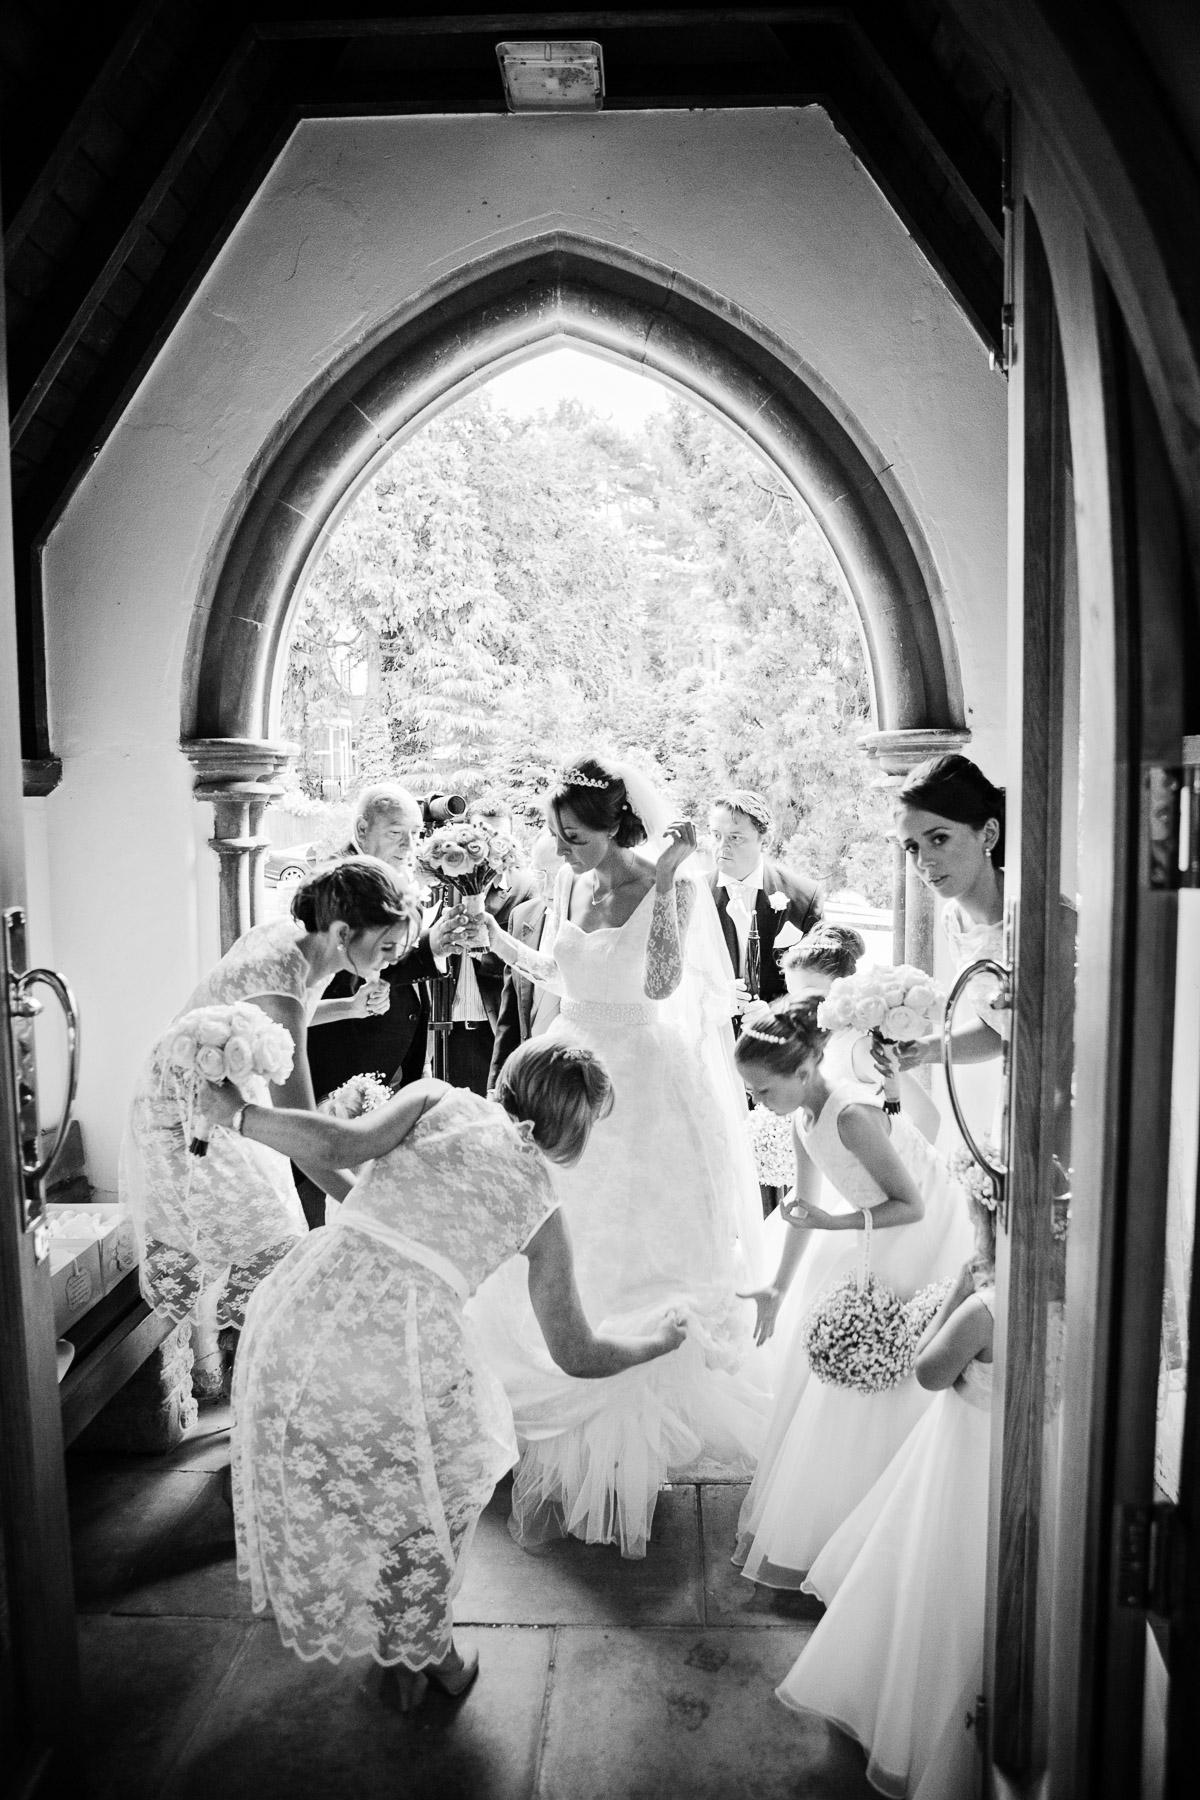 wedding portfolio 25-09-17  098.jpg